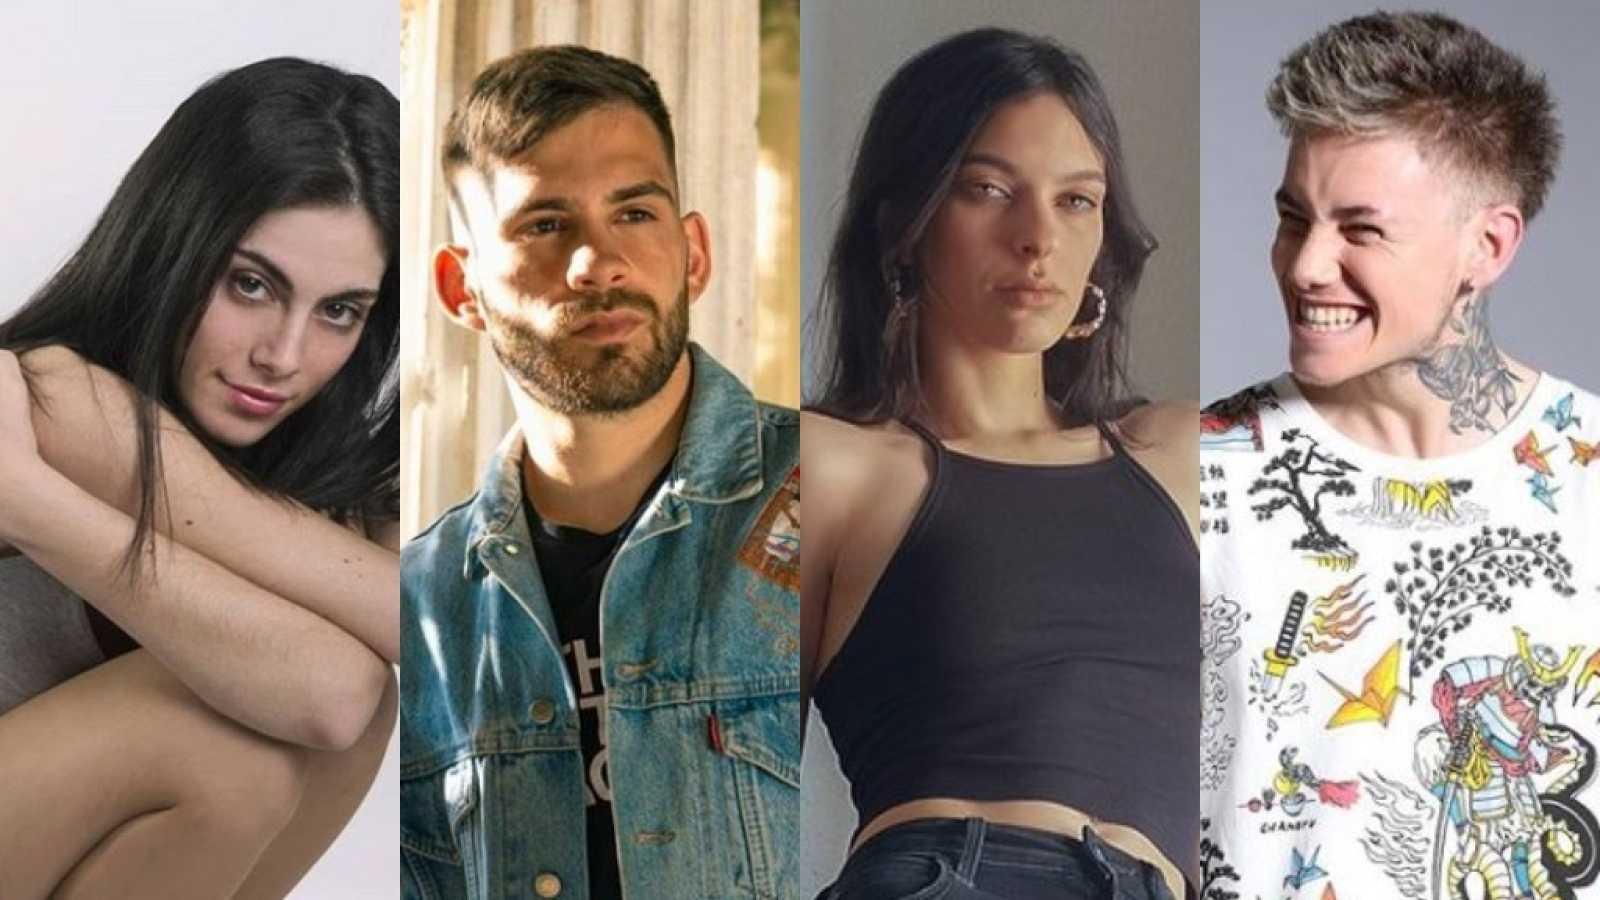 Anabel Lorente, Errecé, Cherry Massia y Hugo, los invitados de la semana